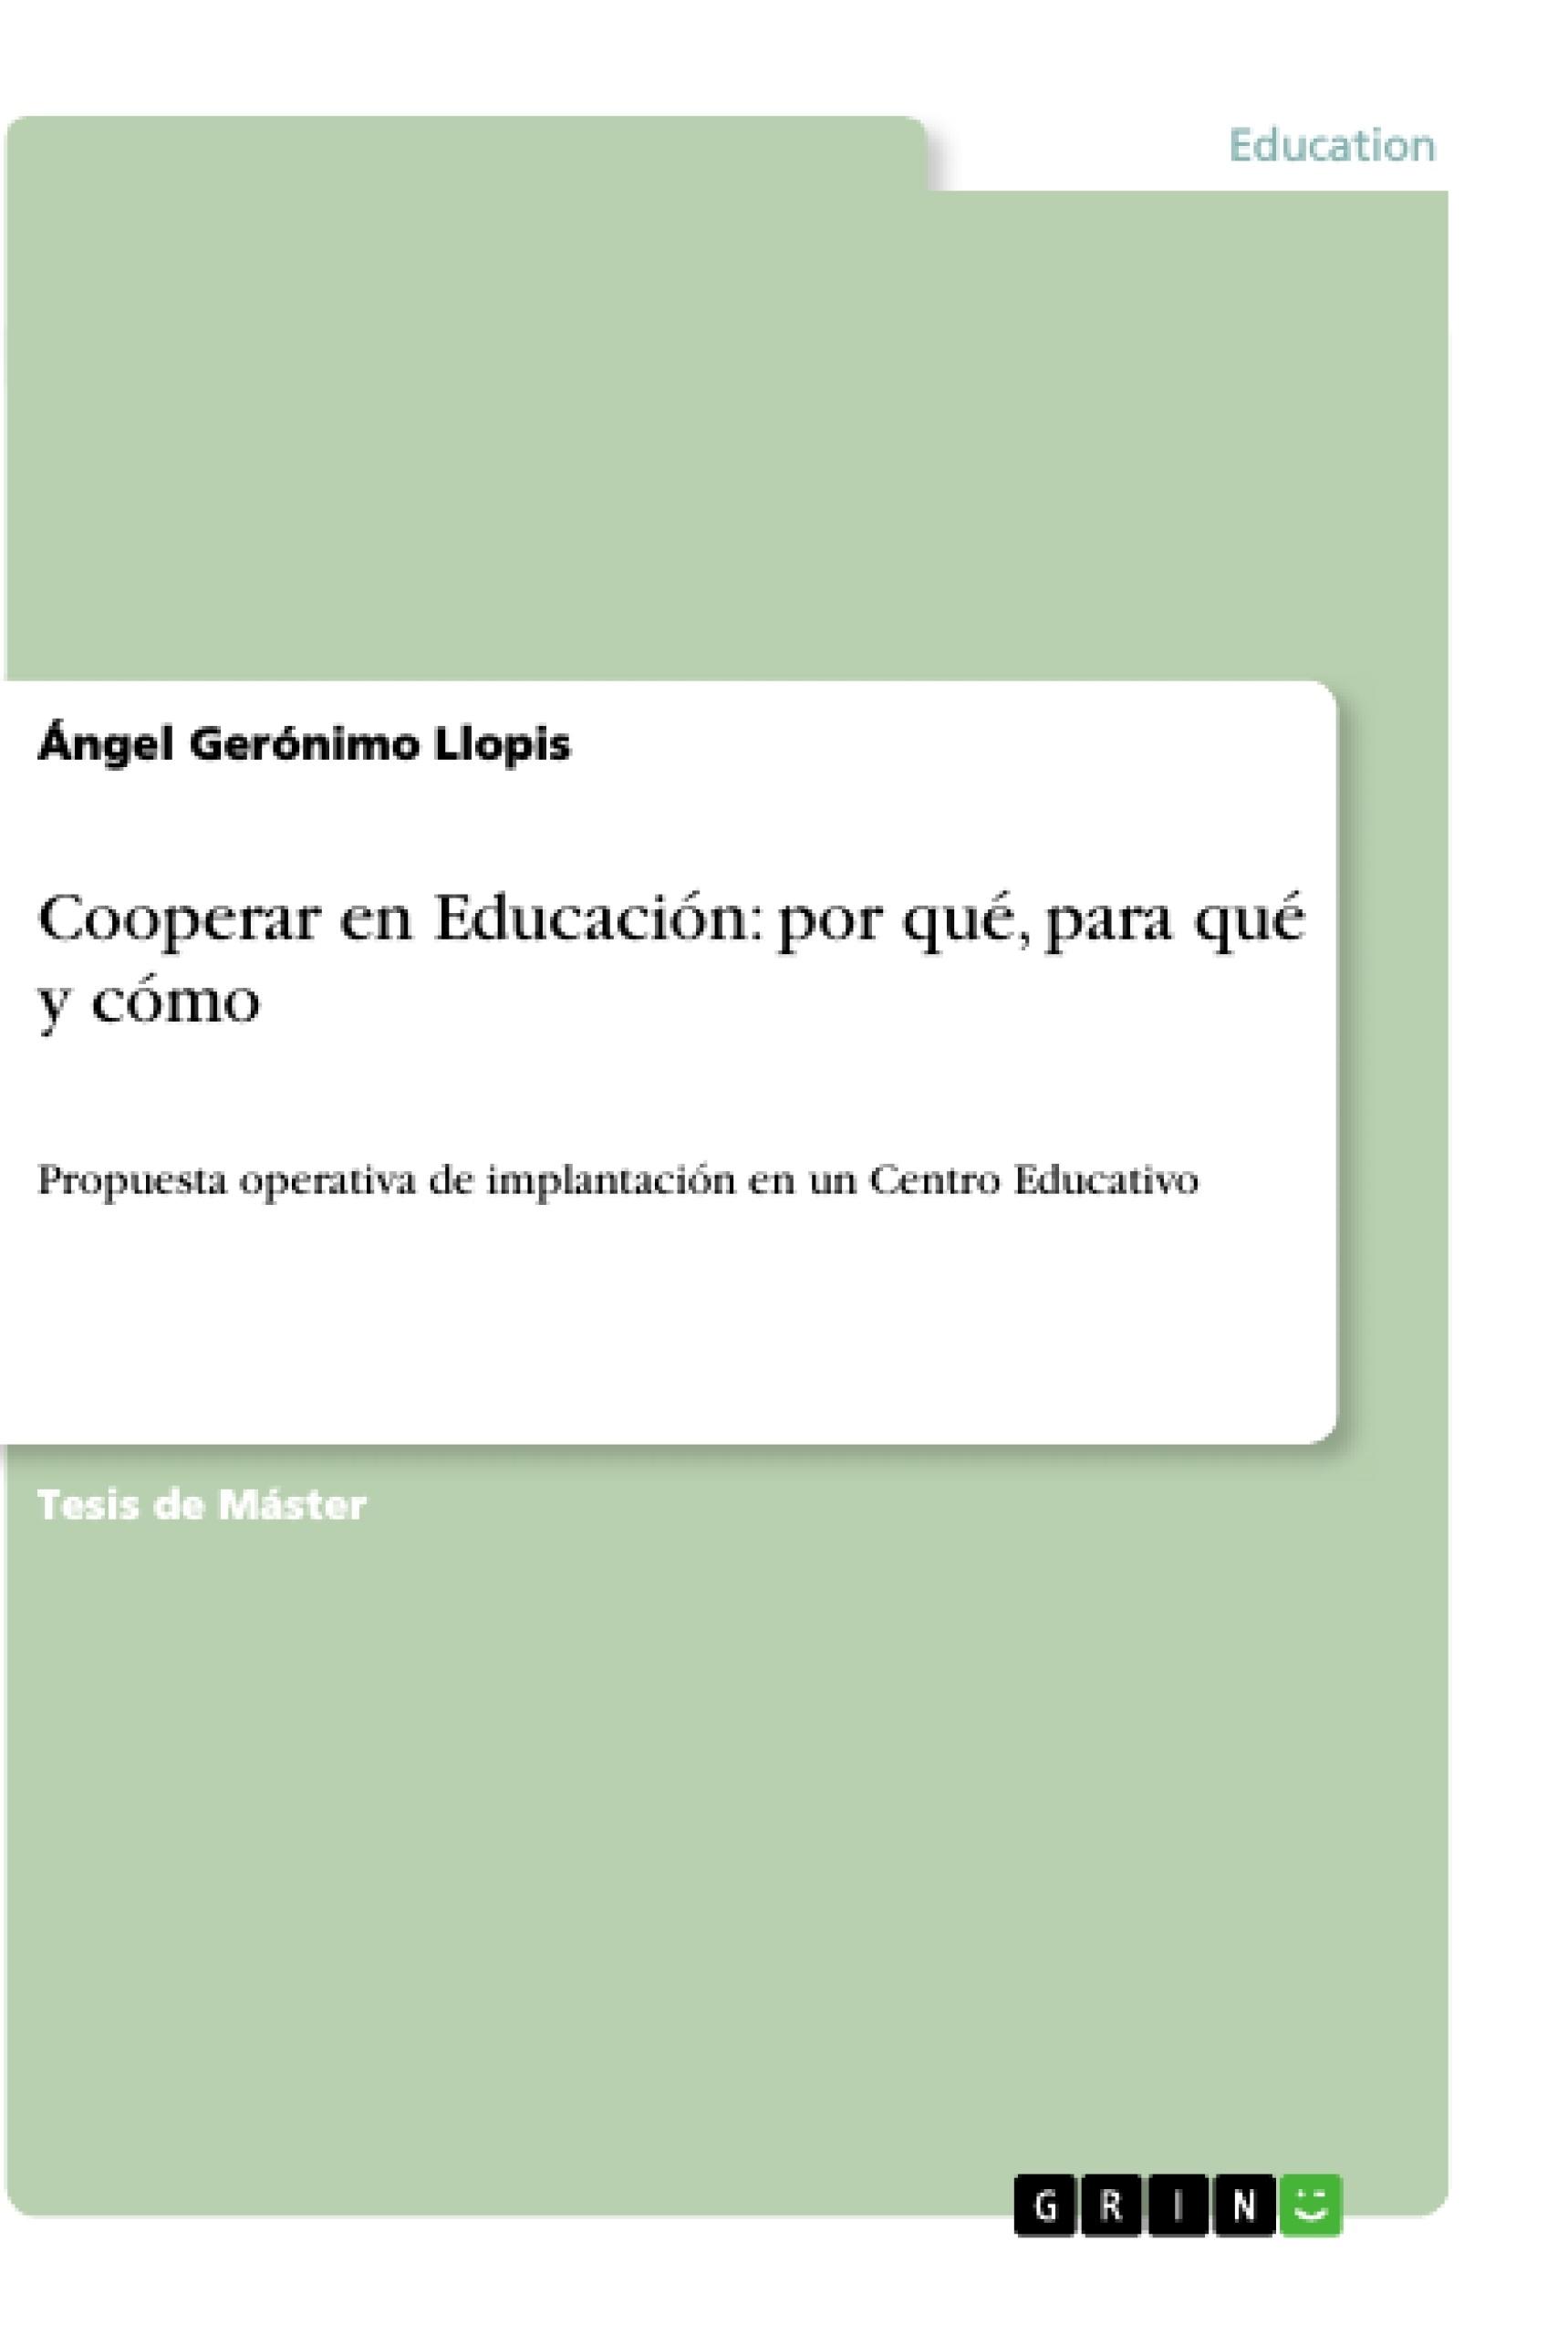 Título: Cooperar en Educación: por qué, para qué y cómo